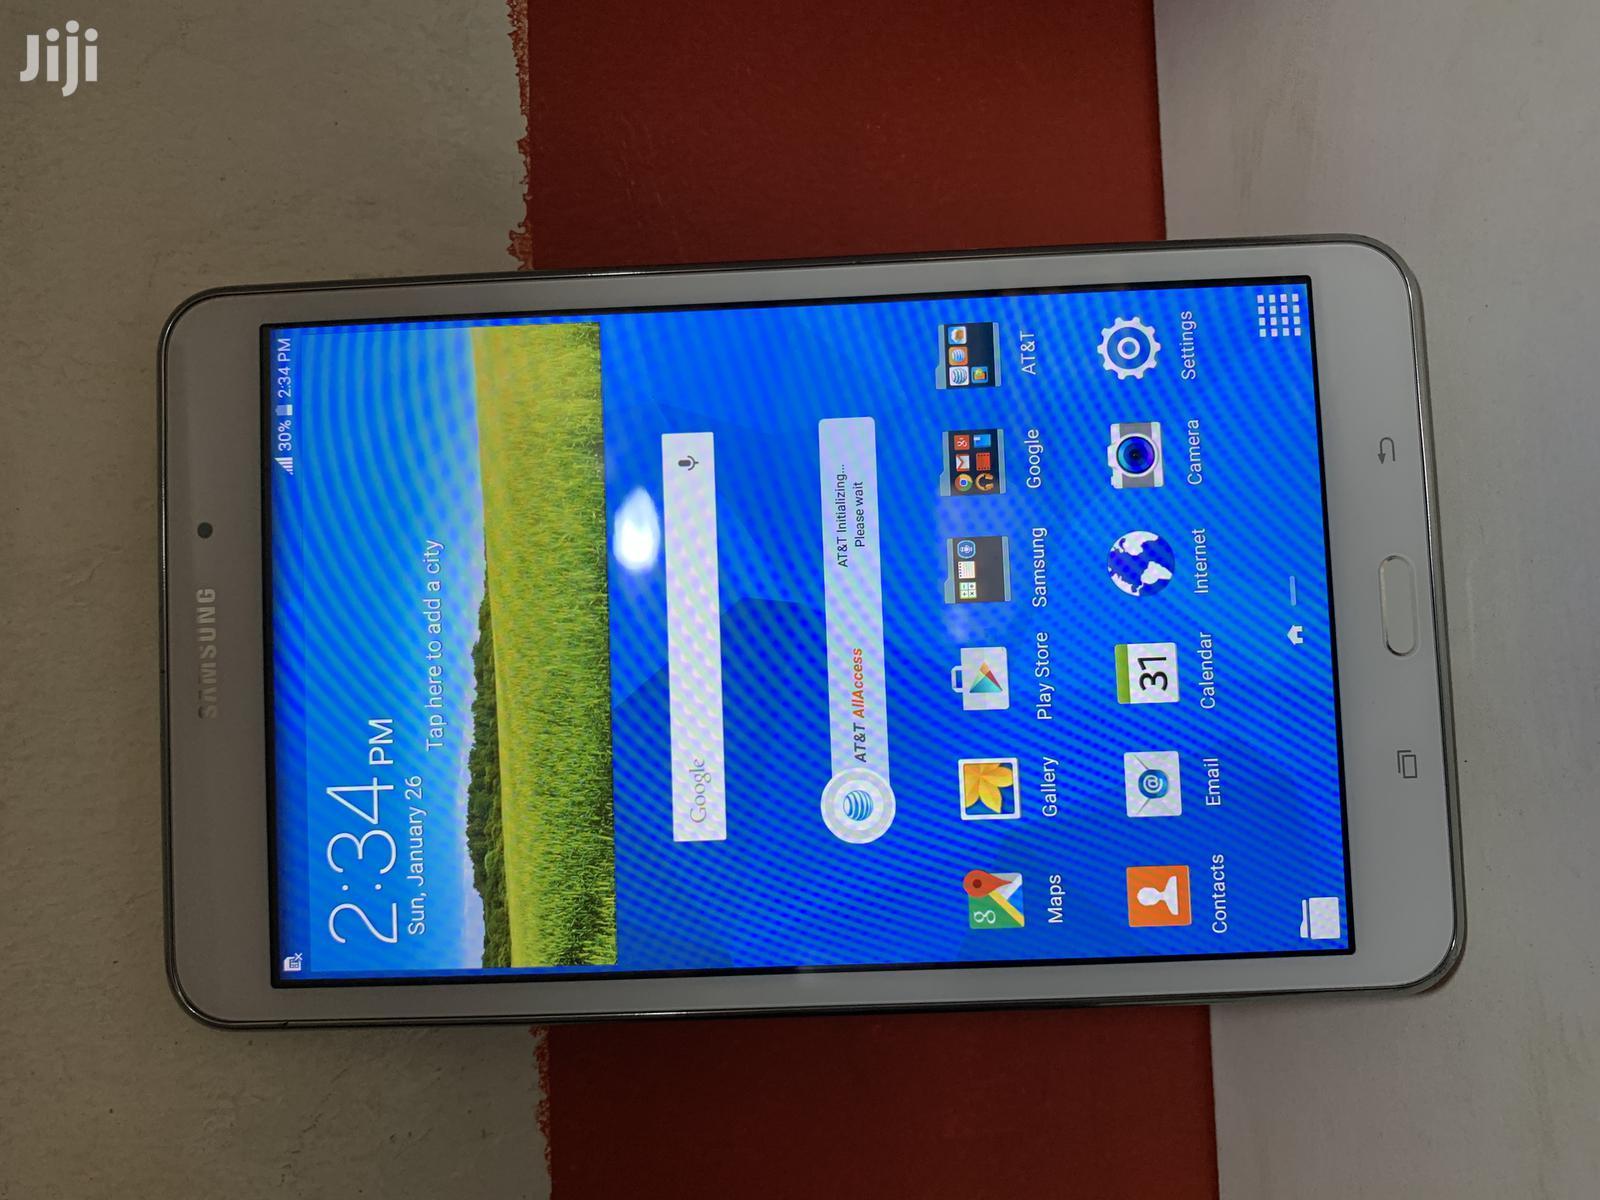 Samsung Galaxy Tab 4 8.0 64 GB White   Tablets for sale in Kampala, Central Region, Uganda